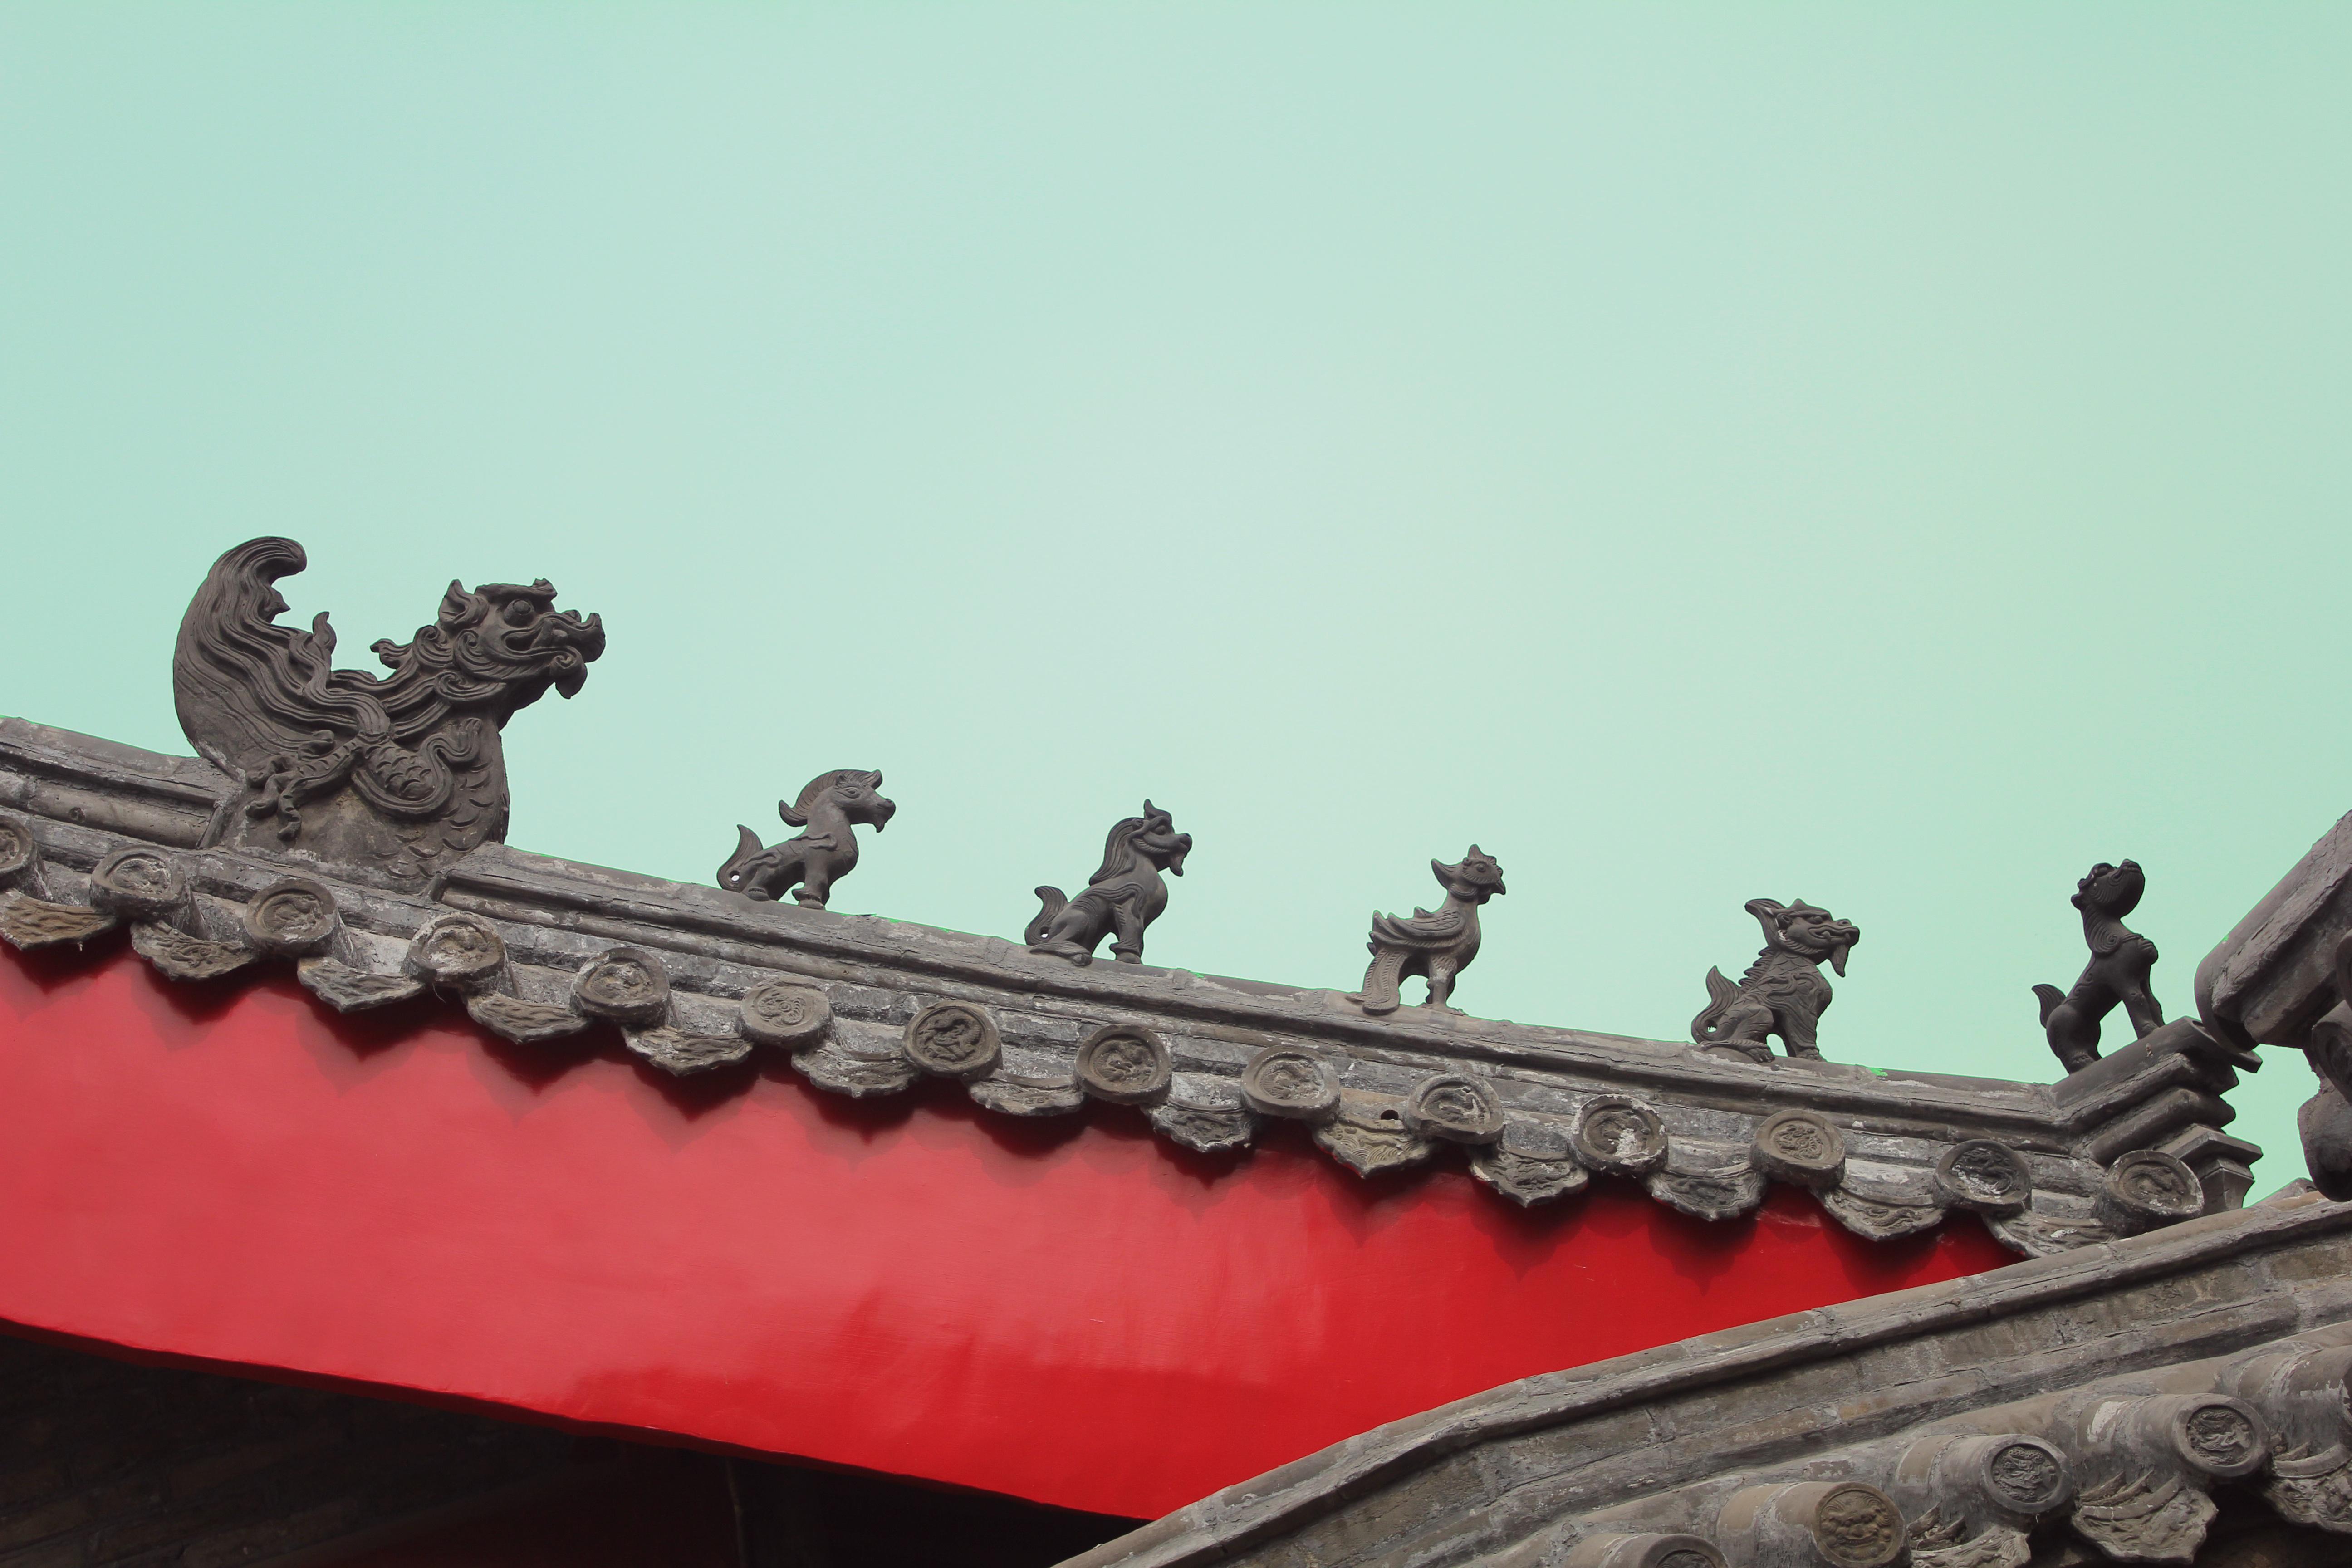 hình ảnh : Xe, Ngói, Vũ khí, nền văn hóa, Tàu chiến, tàu chiến, Tượng đài,  Ảnh chụp màn hình, Clifford, Đá khắc, Sơn Đông, Tường thành, Qufu, ...